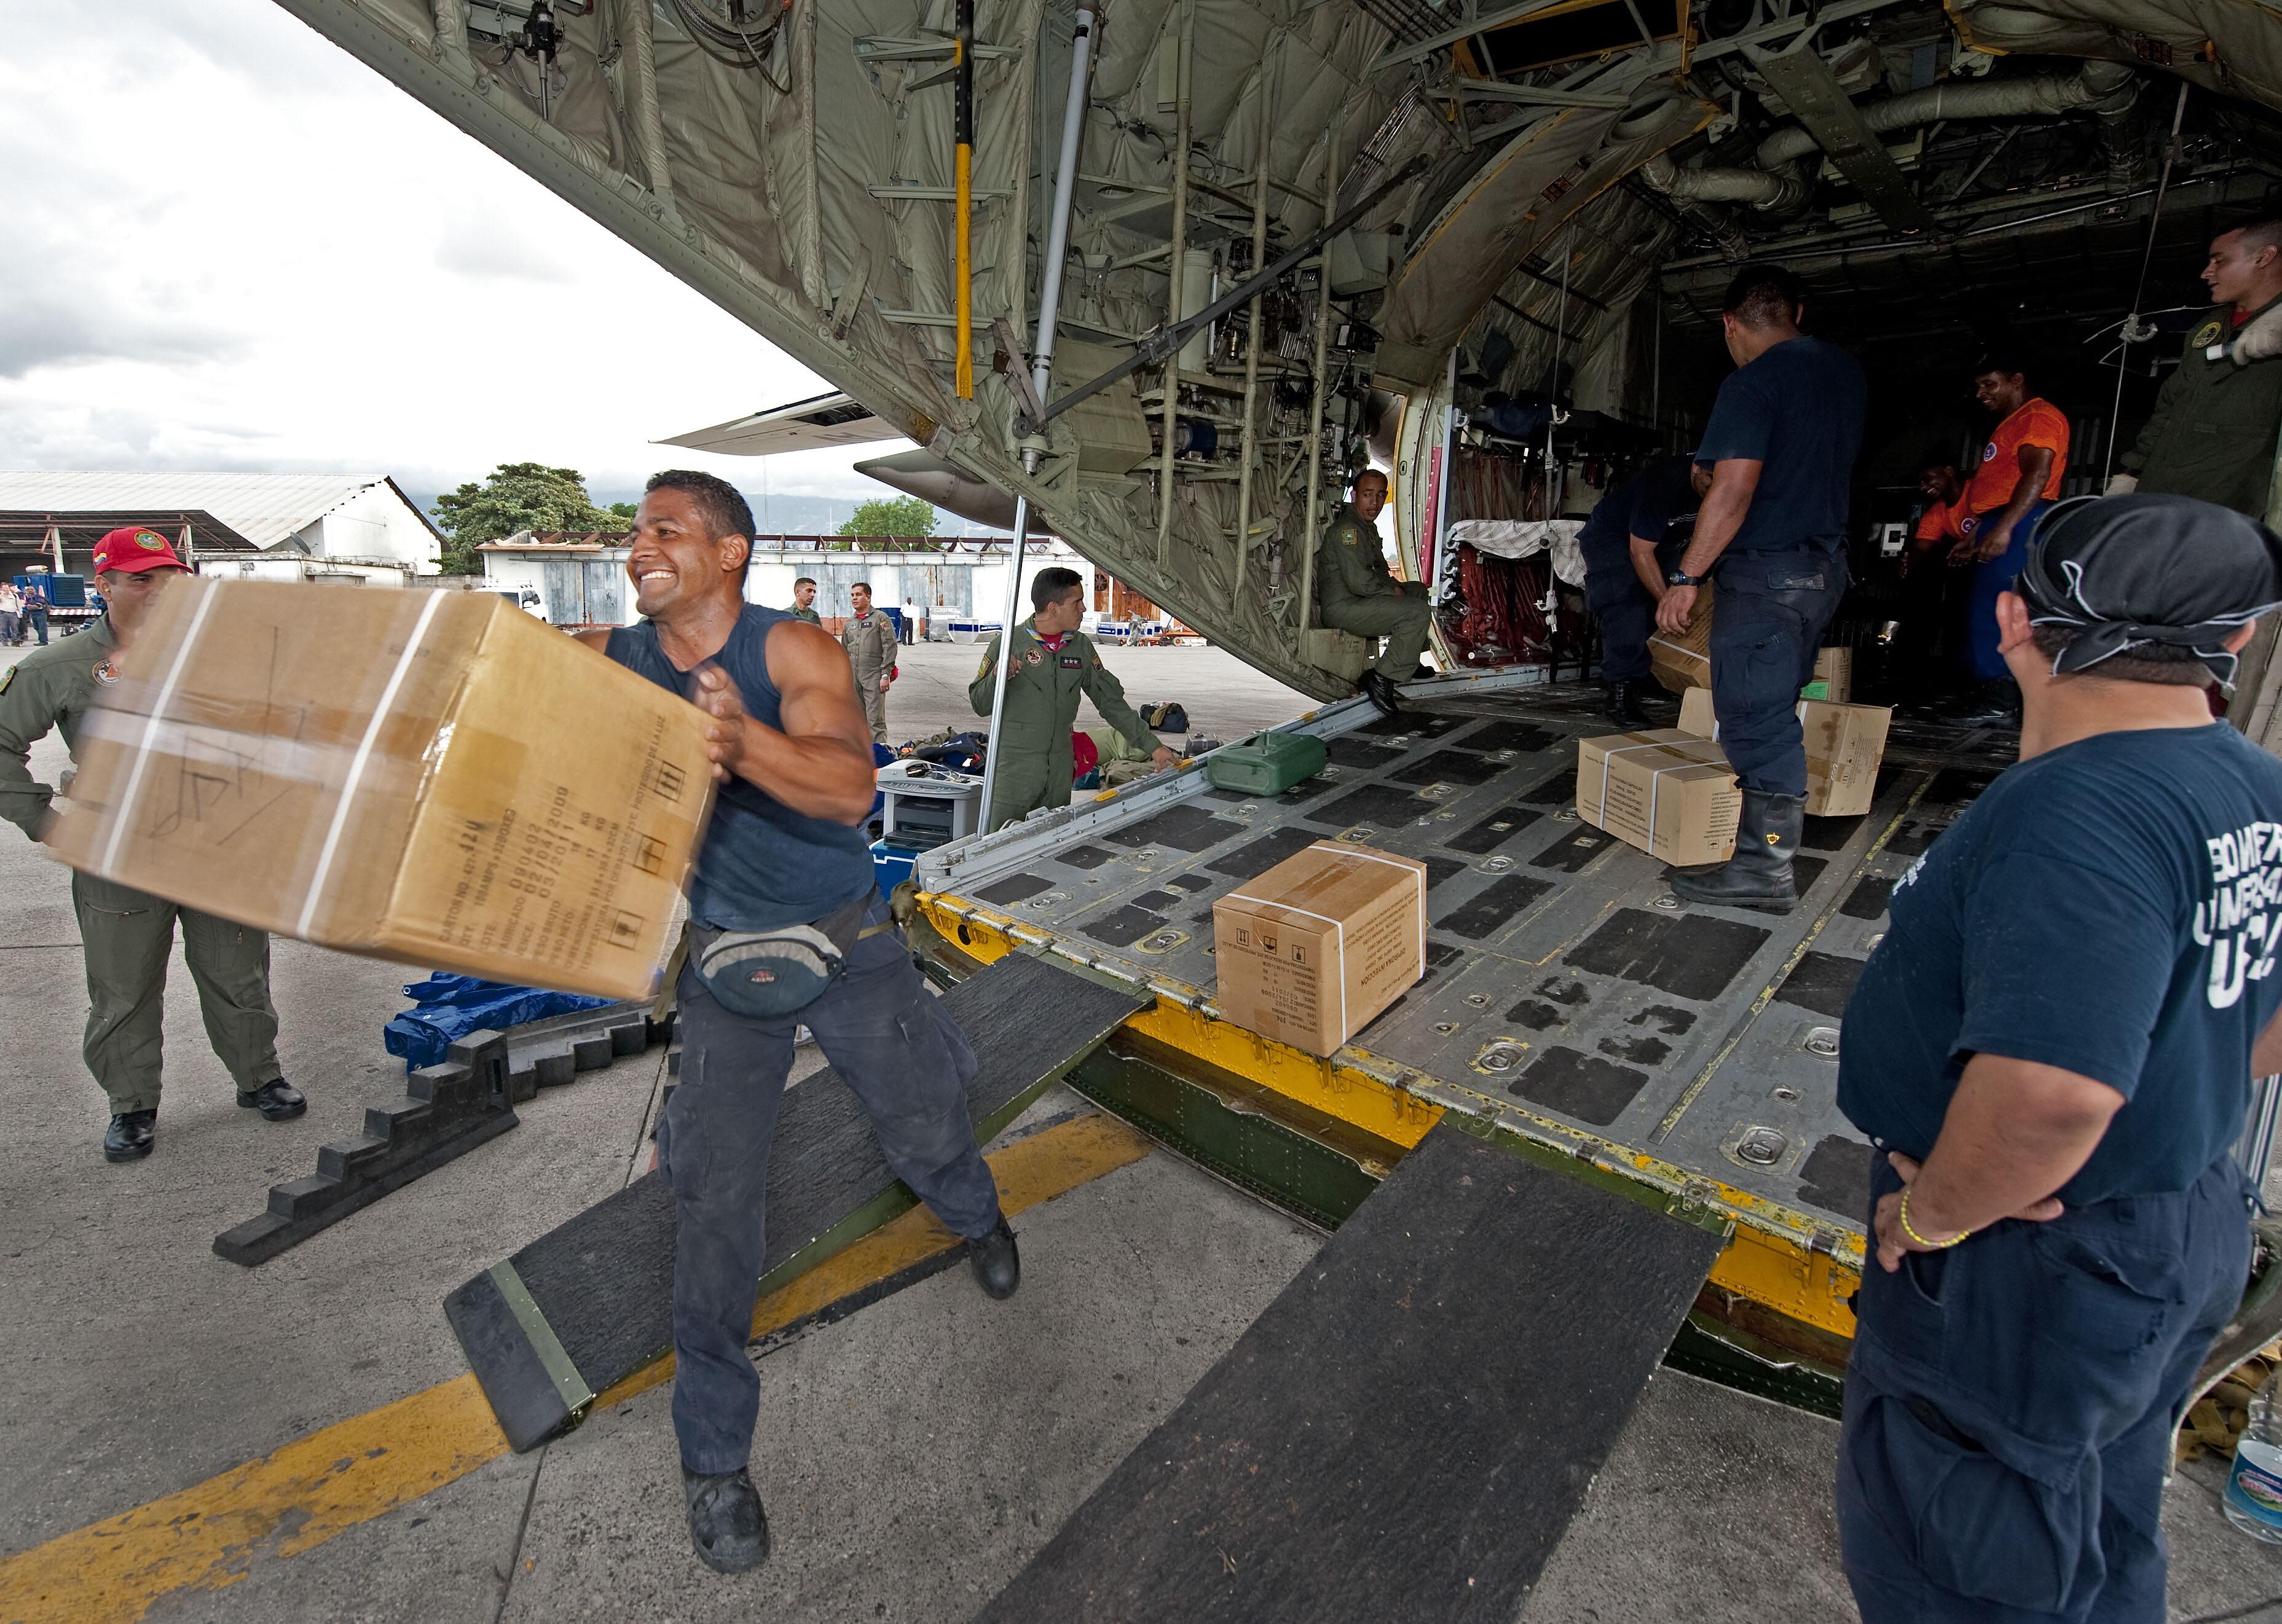 Turn aid upside down through global, social enterprise